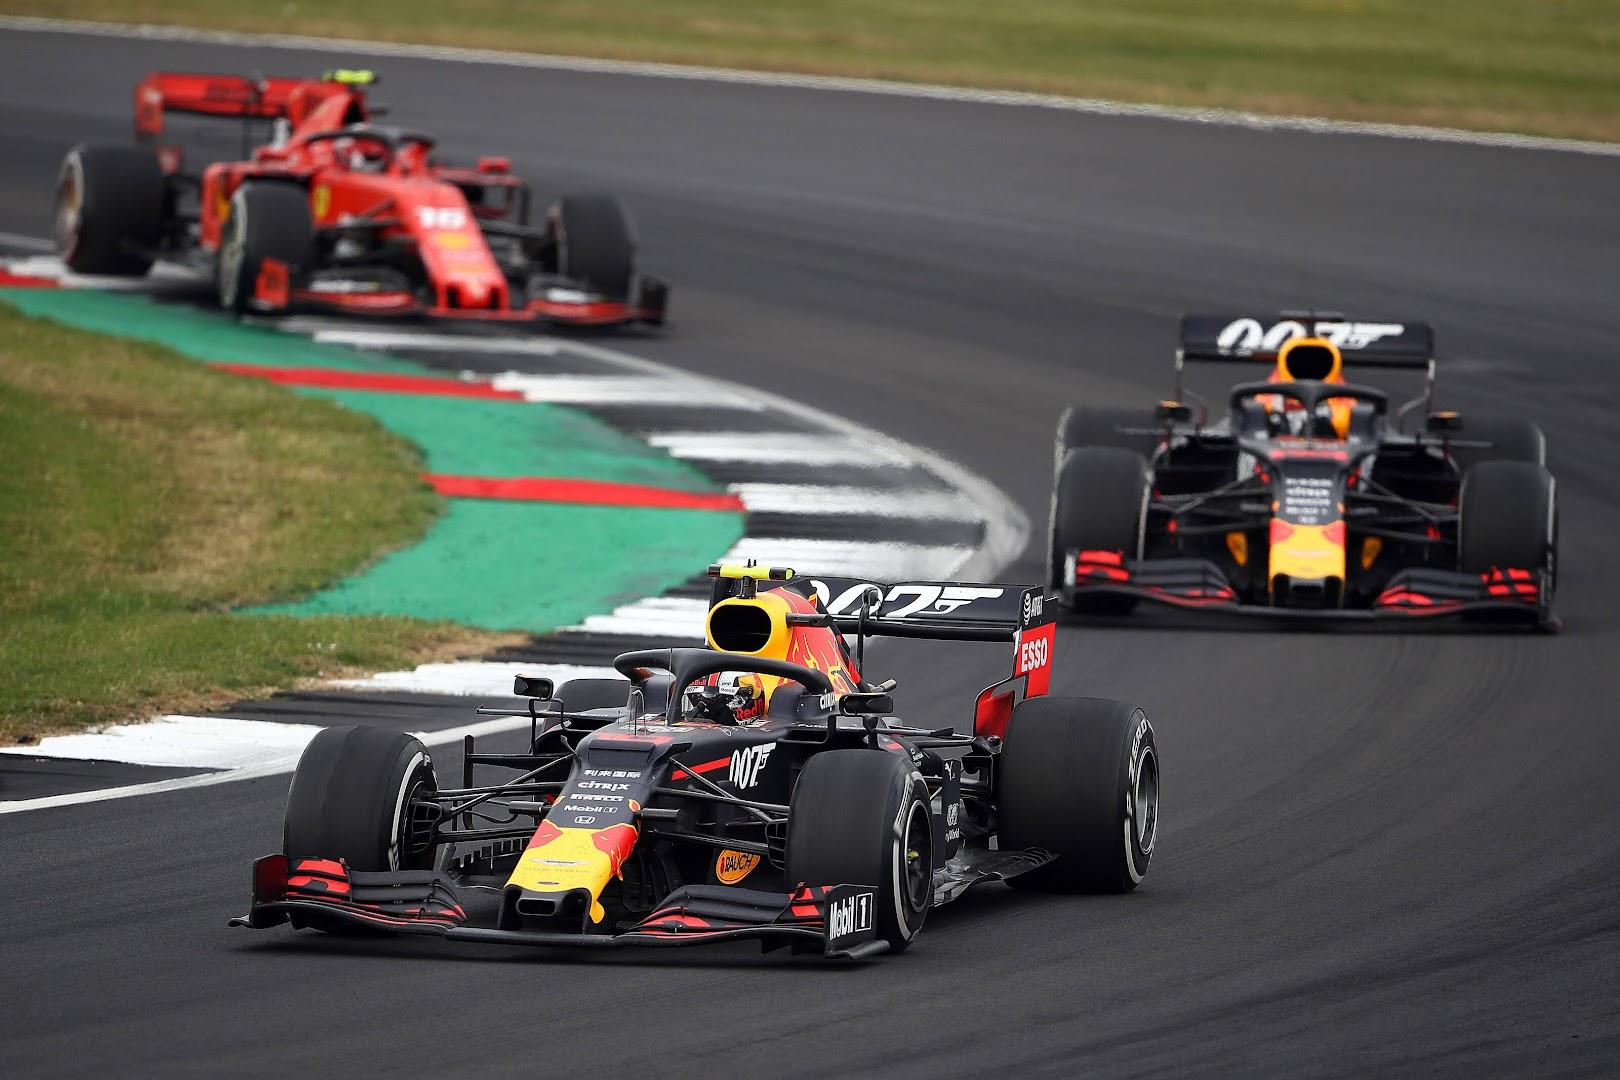 F1第10戦イギリスGP、ガスリー、フェルスタッペン、ルクレール